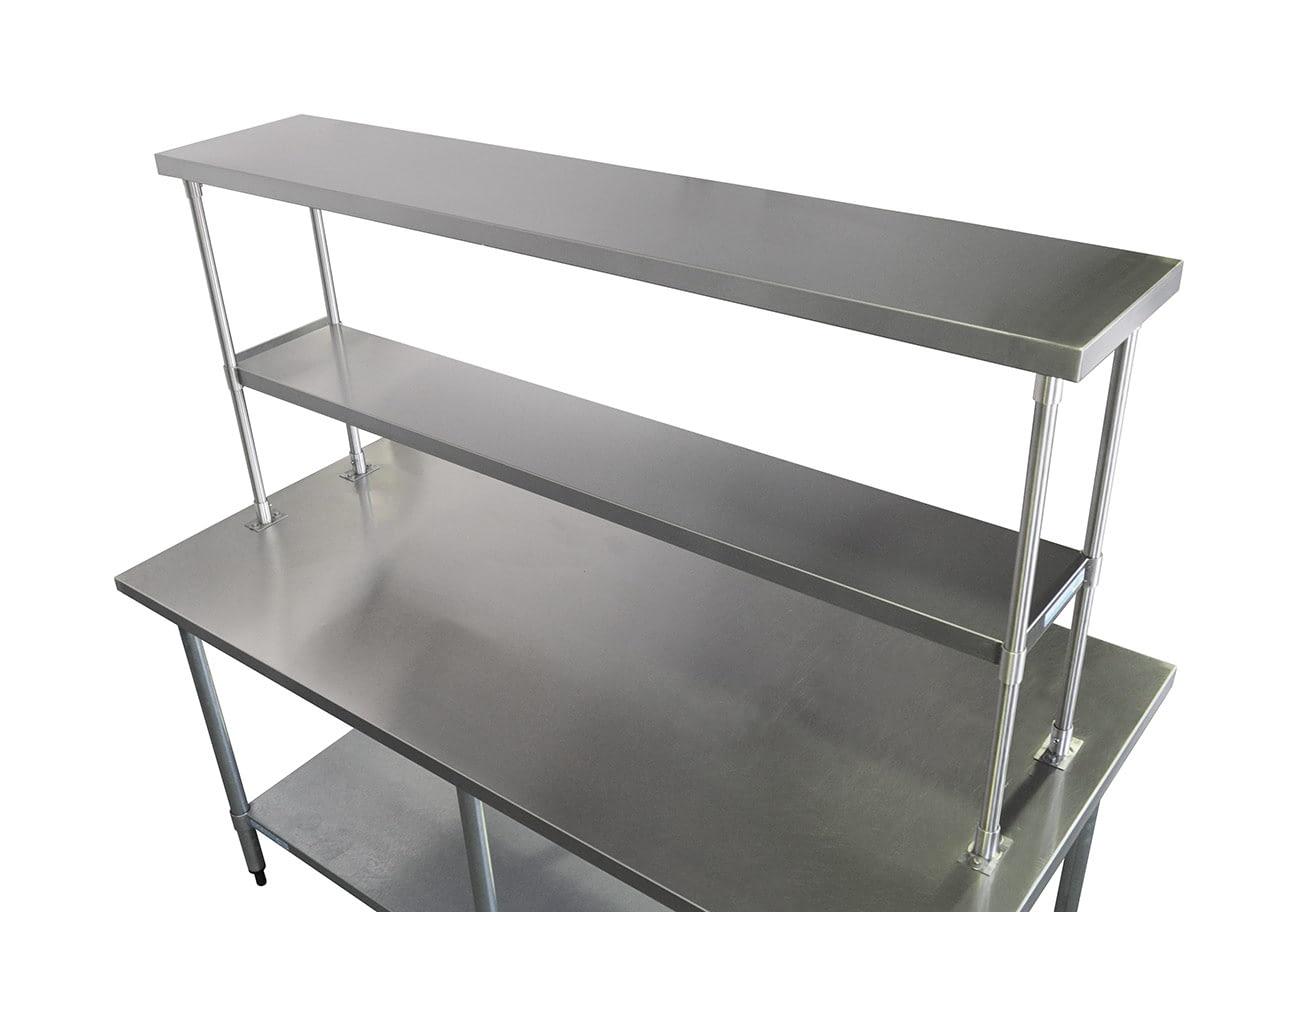 Extra Shelf For 2-Tier, 1750 X 350mm Unit